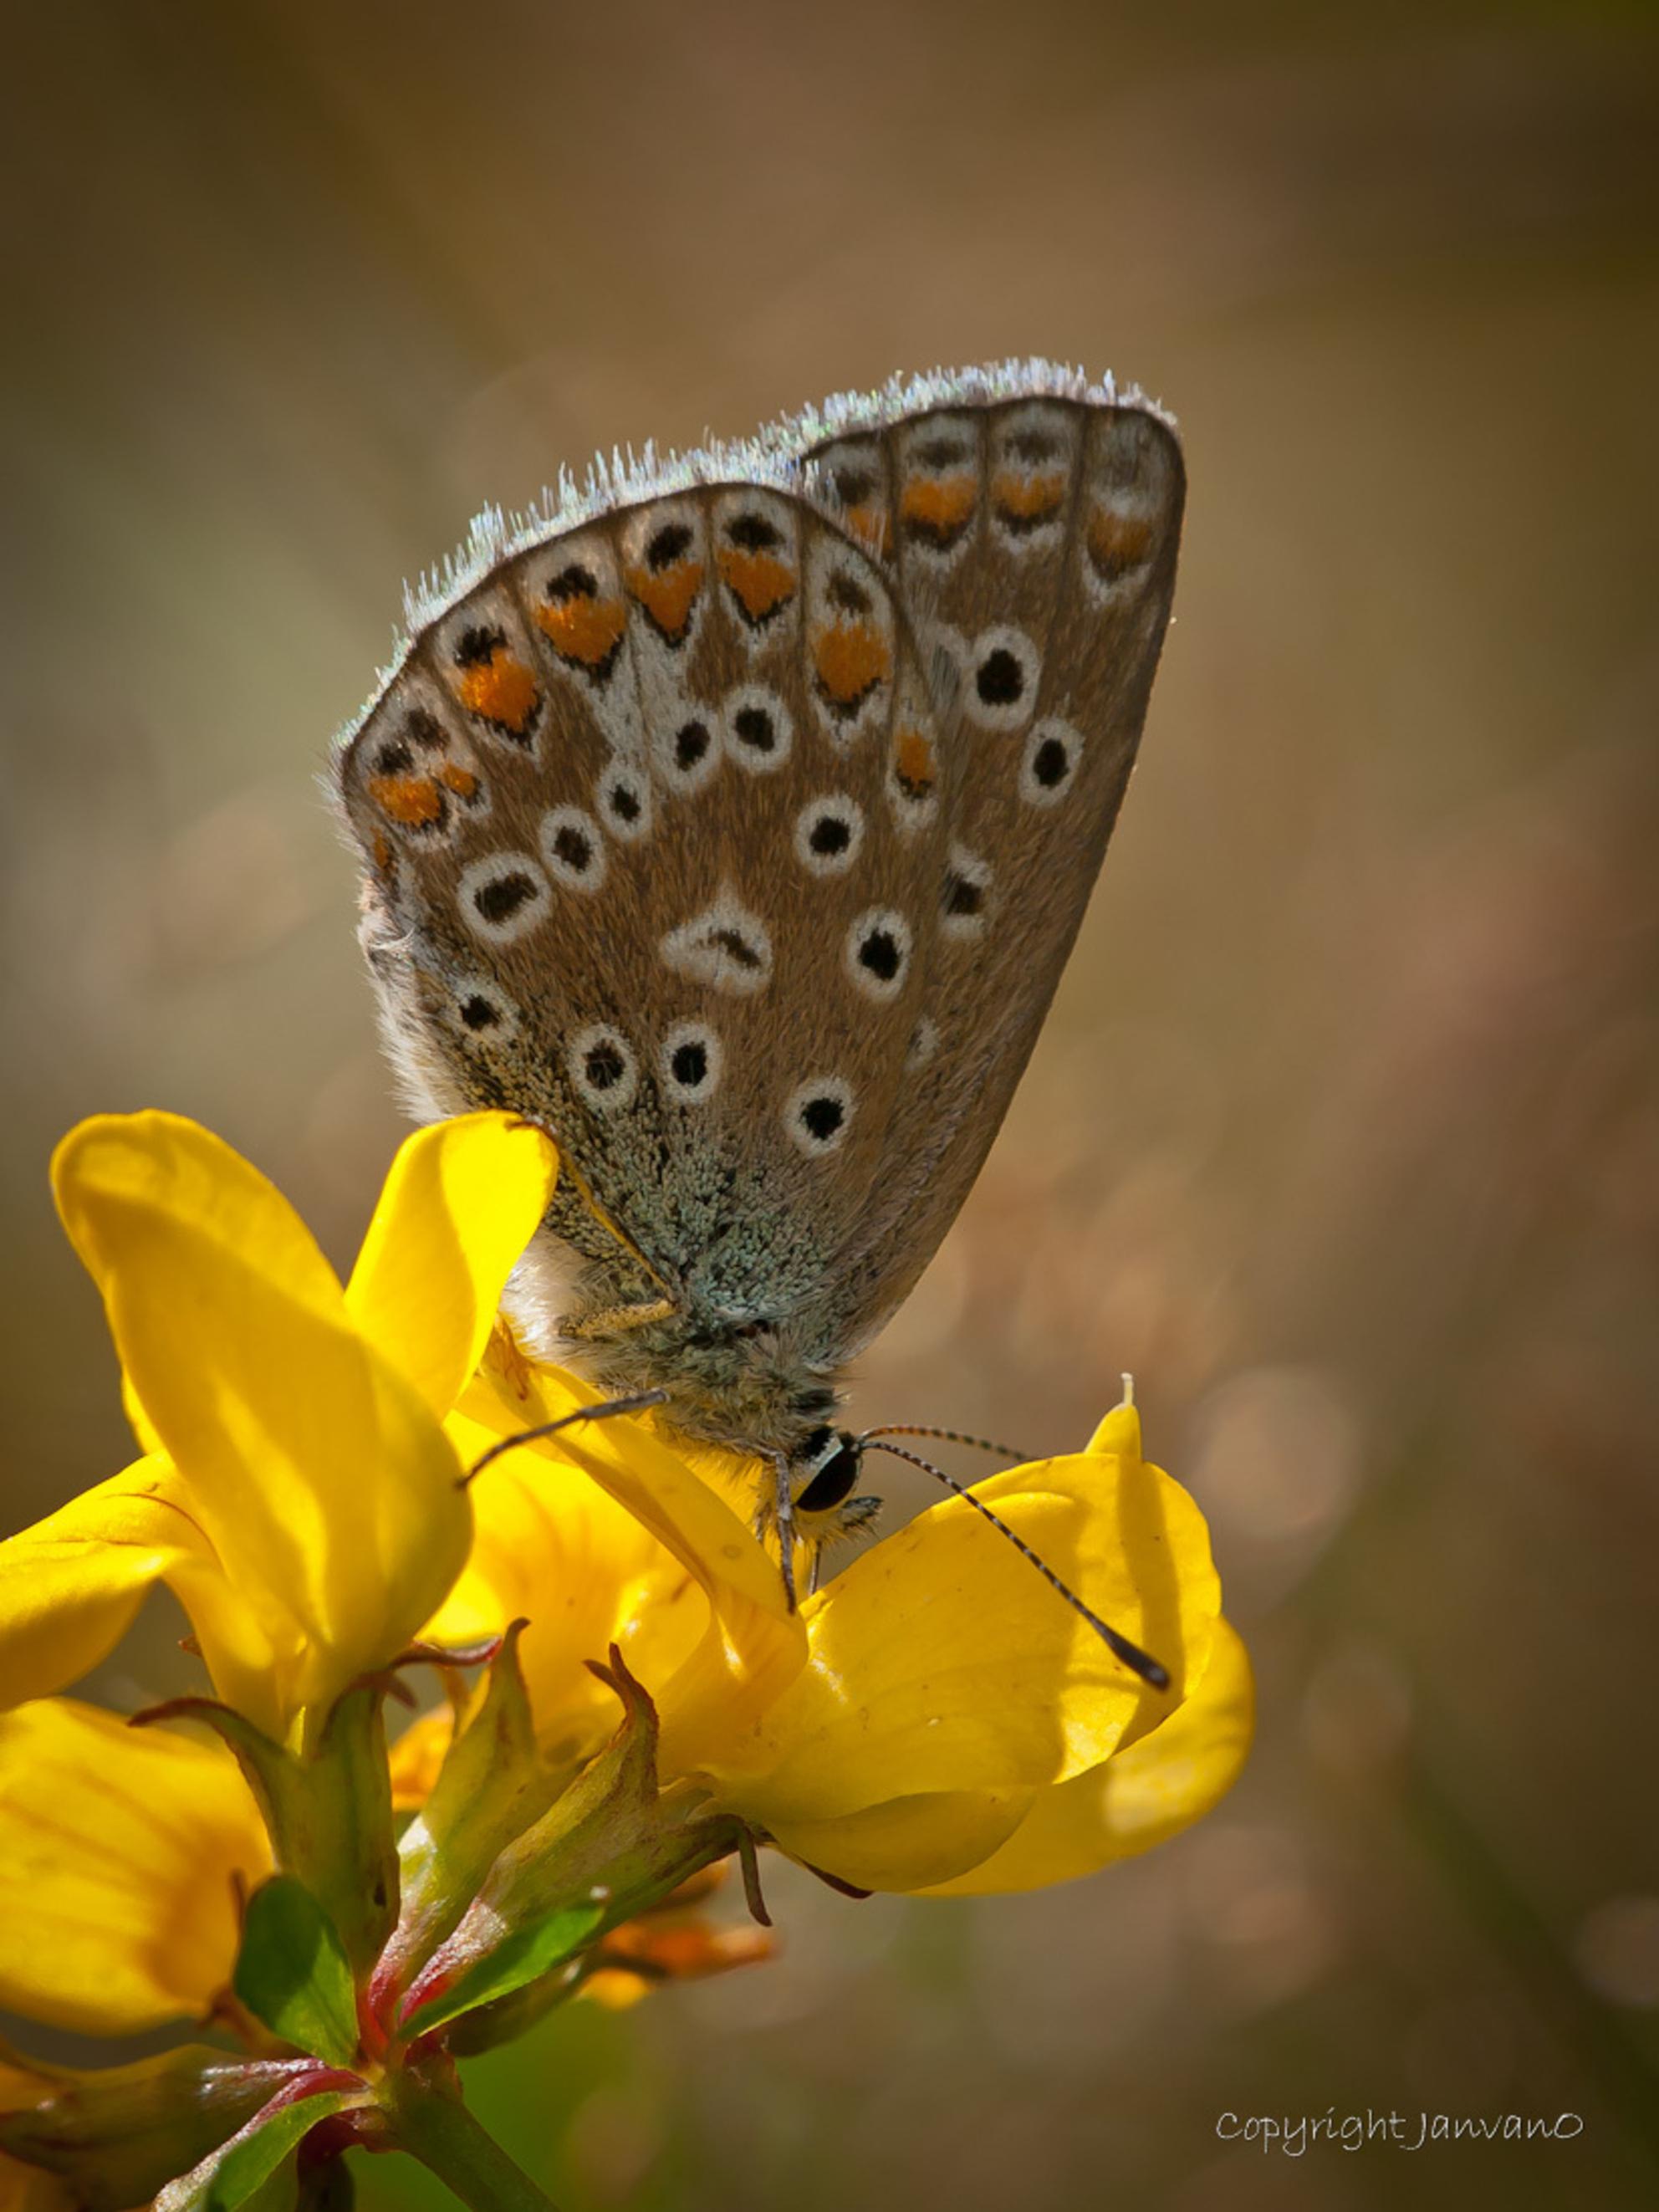 Icarus 2012 - Een icarusblauwtje.  Van augustus 2012 - foto door JanvanO op 30-09-2012 - deze foto bevat: vrouw, macro, natuur, vlinder, icarusblauwtje, butterfly, janvano, Polyommatus icarus, olympus e-3, Sigma 150mm